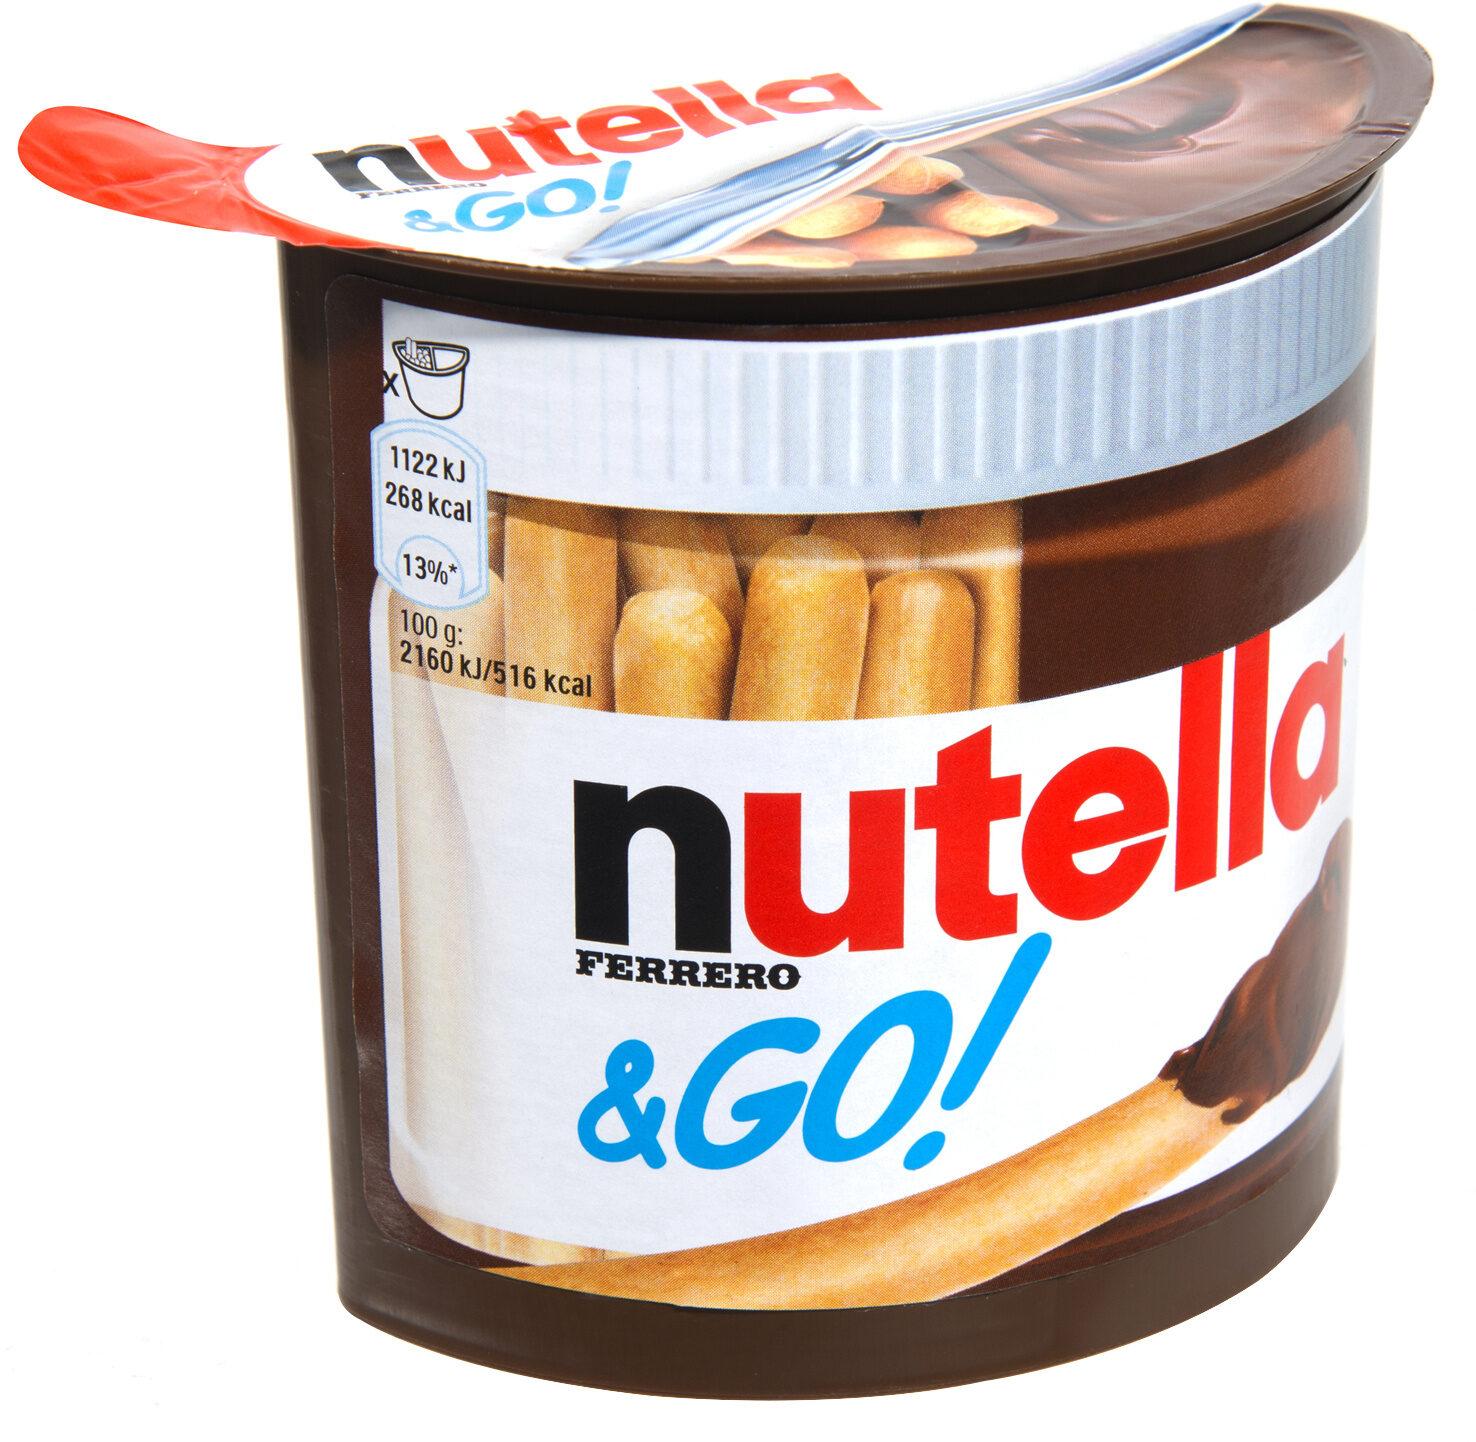 Nutella & go t.1 - Prodotto - fr